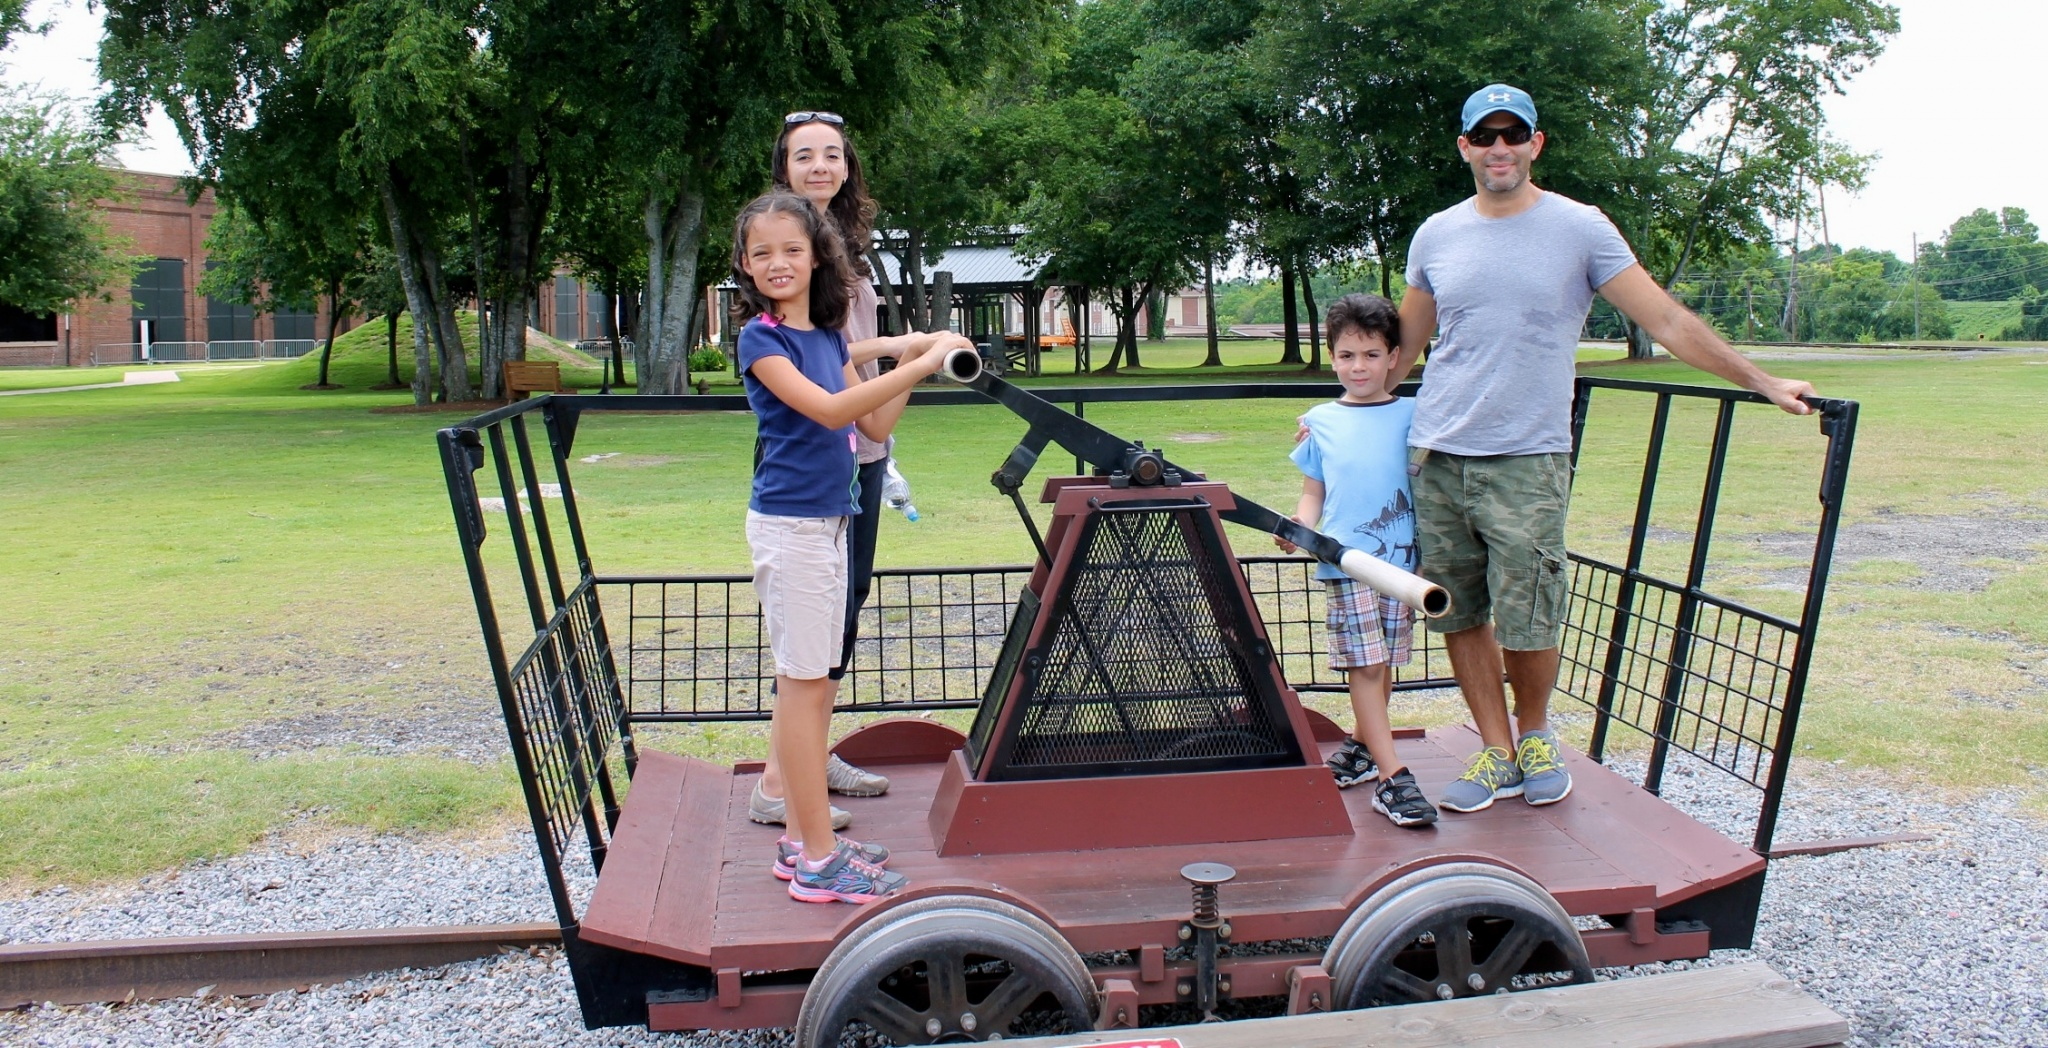 Georgia Railroad Museum in Savannah